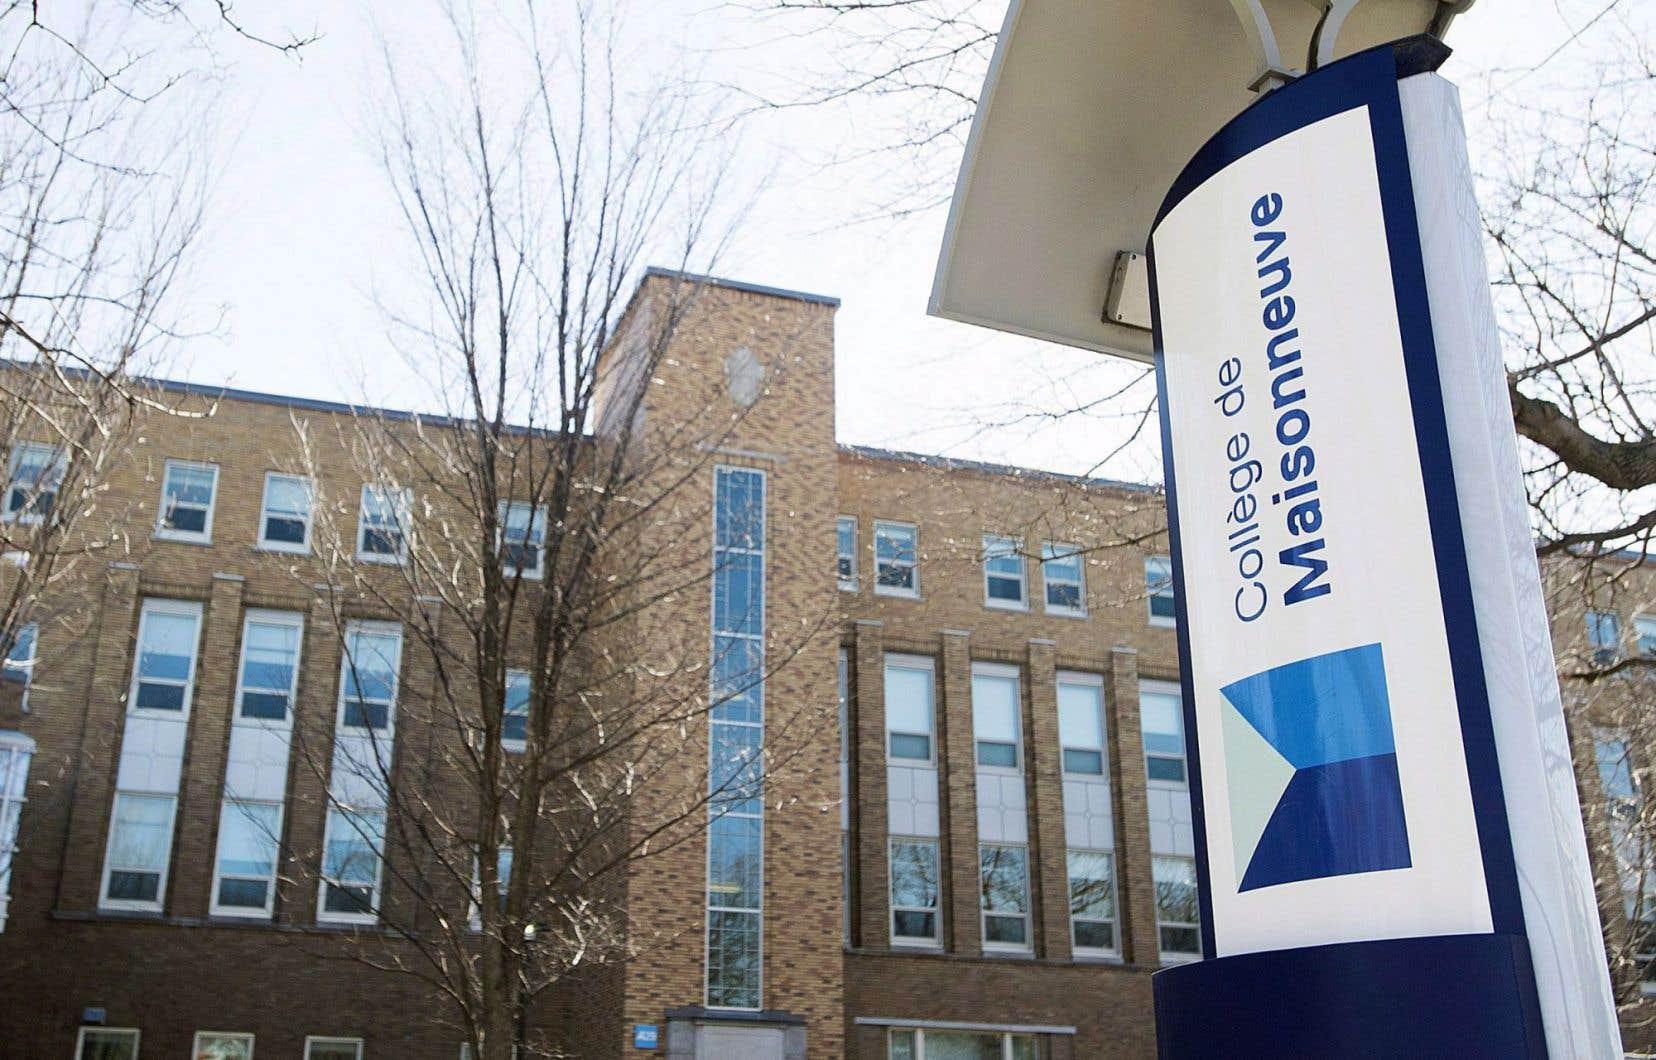 Des tensions, des bagarres sont aussi survenues entre des groupes du collège de Maisonneuve au cours des derniers mois.